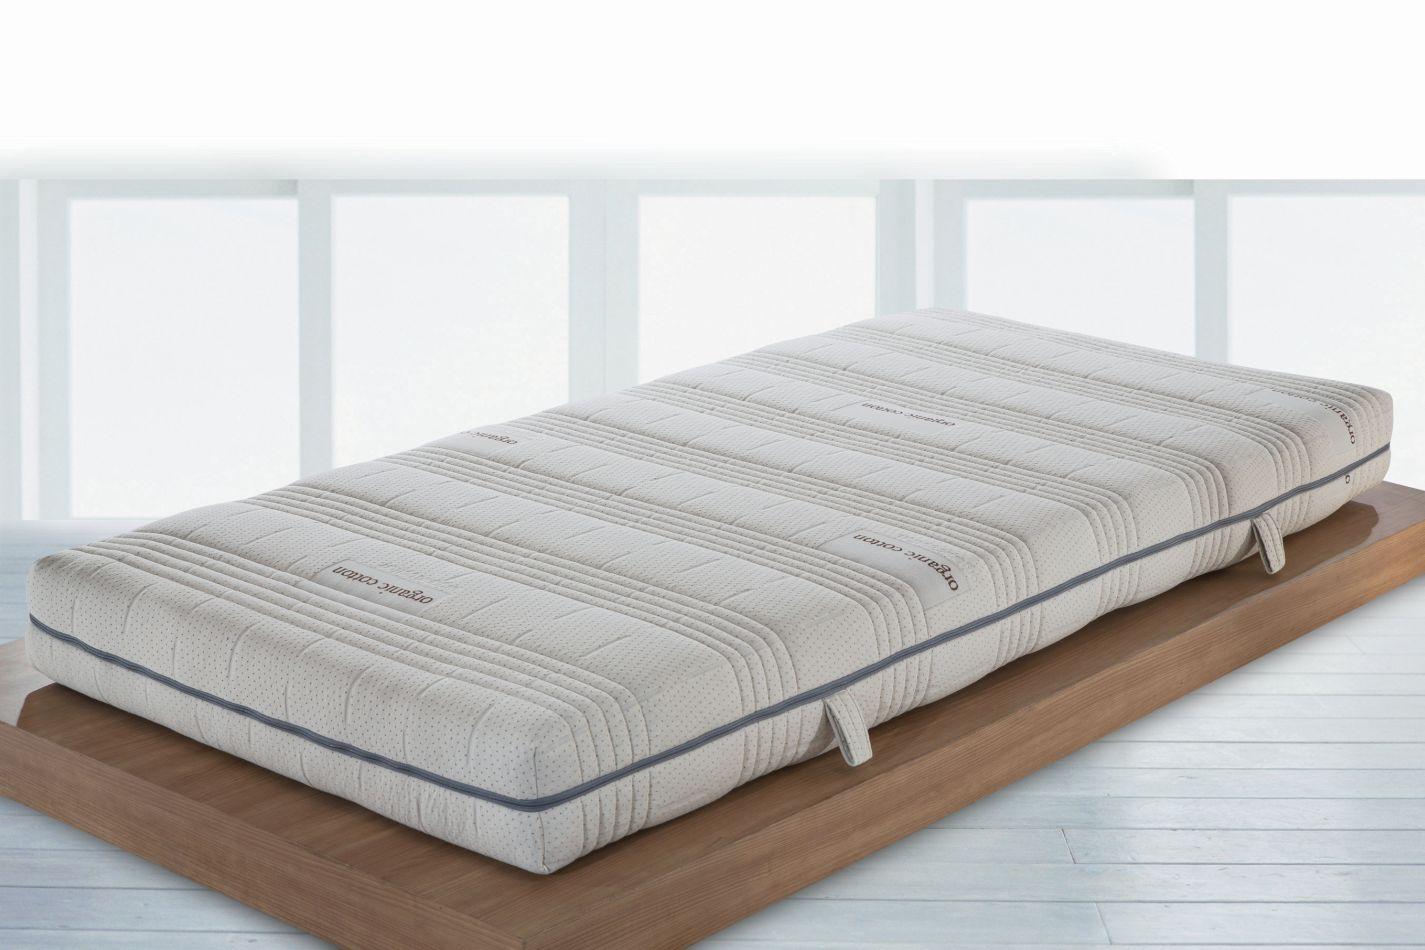 Steiner Shopping Matratzen Matratze Latex - Abmessung: 160 x 200 cm